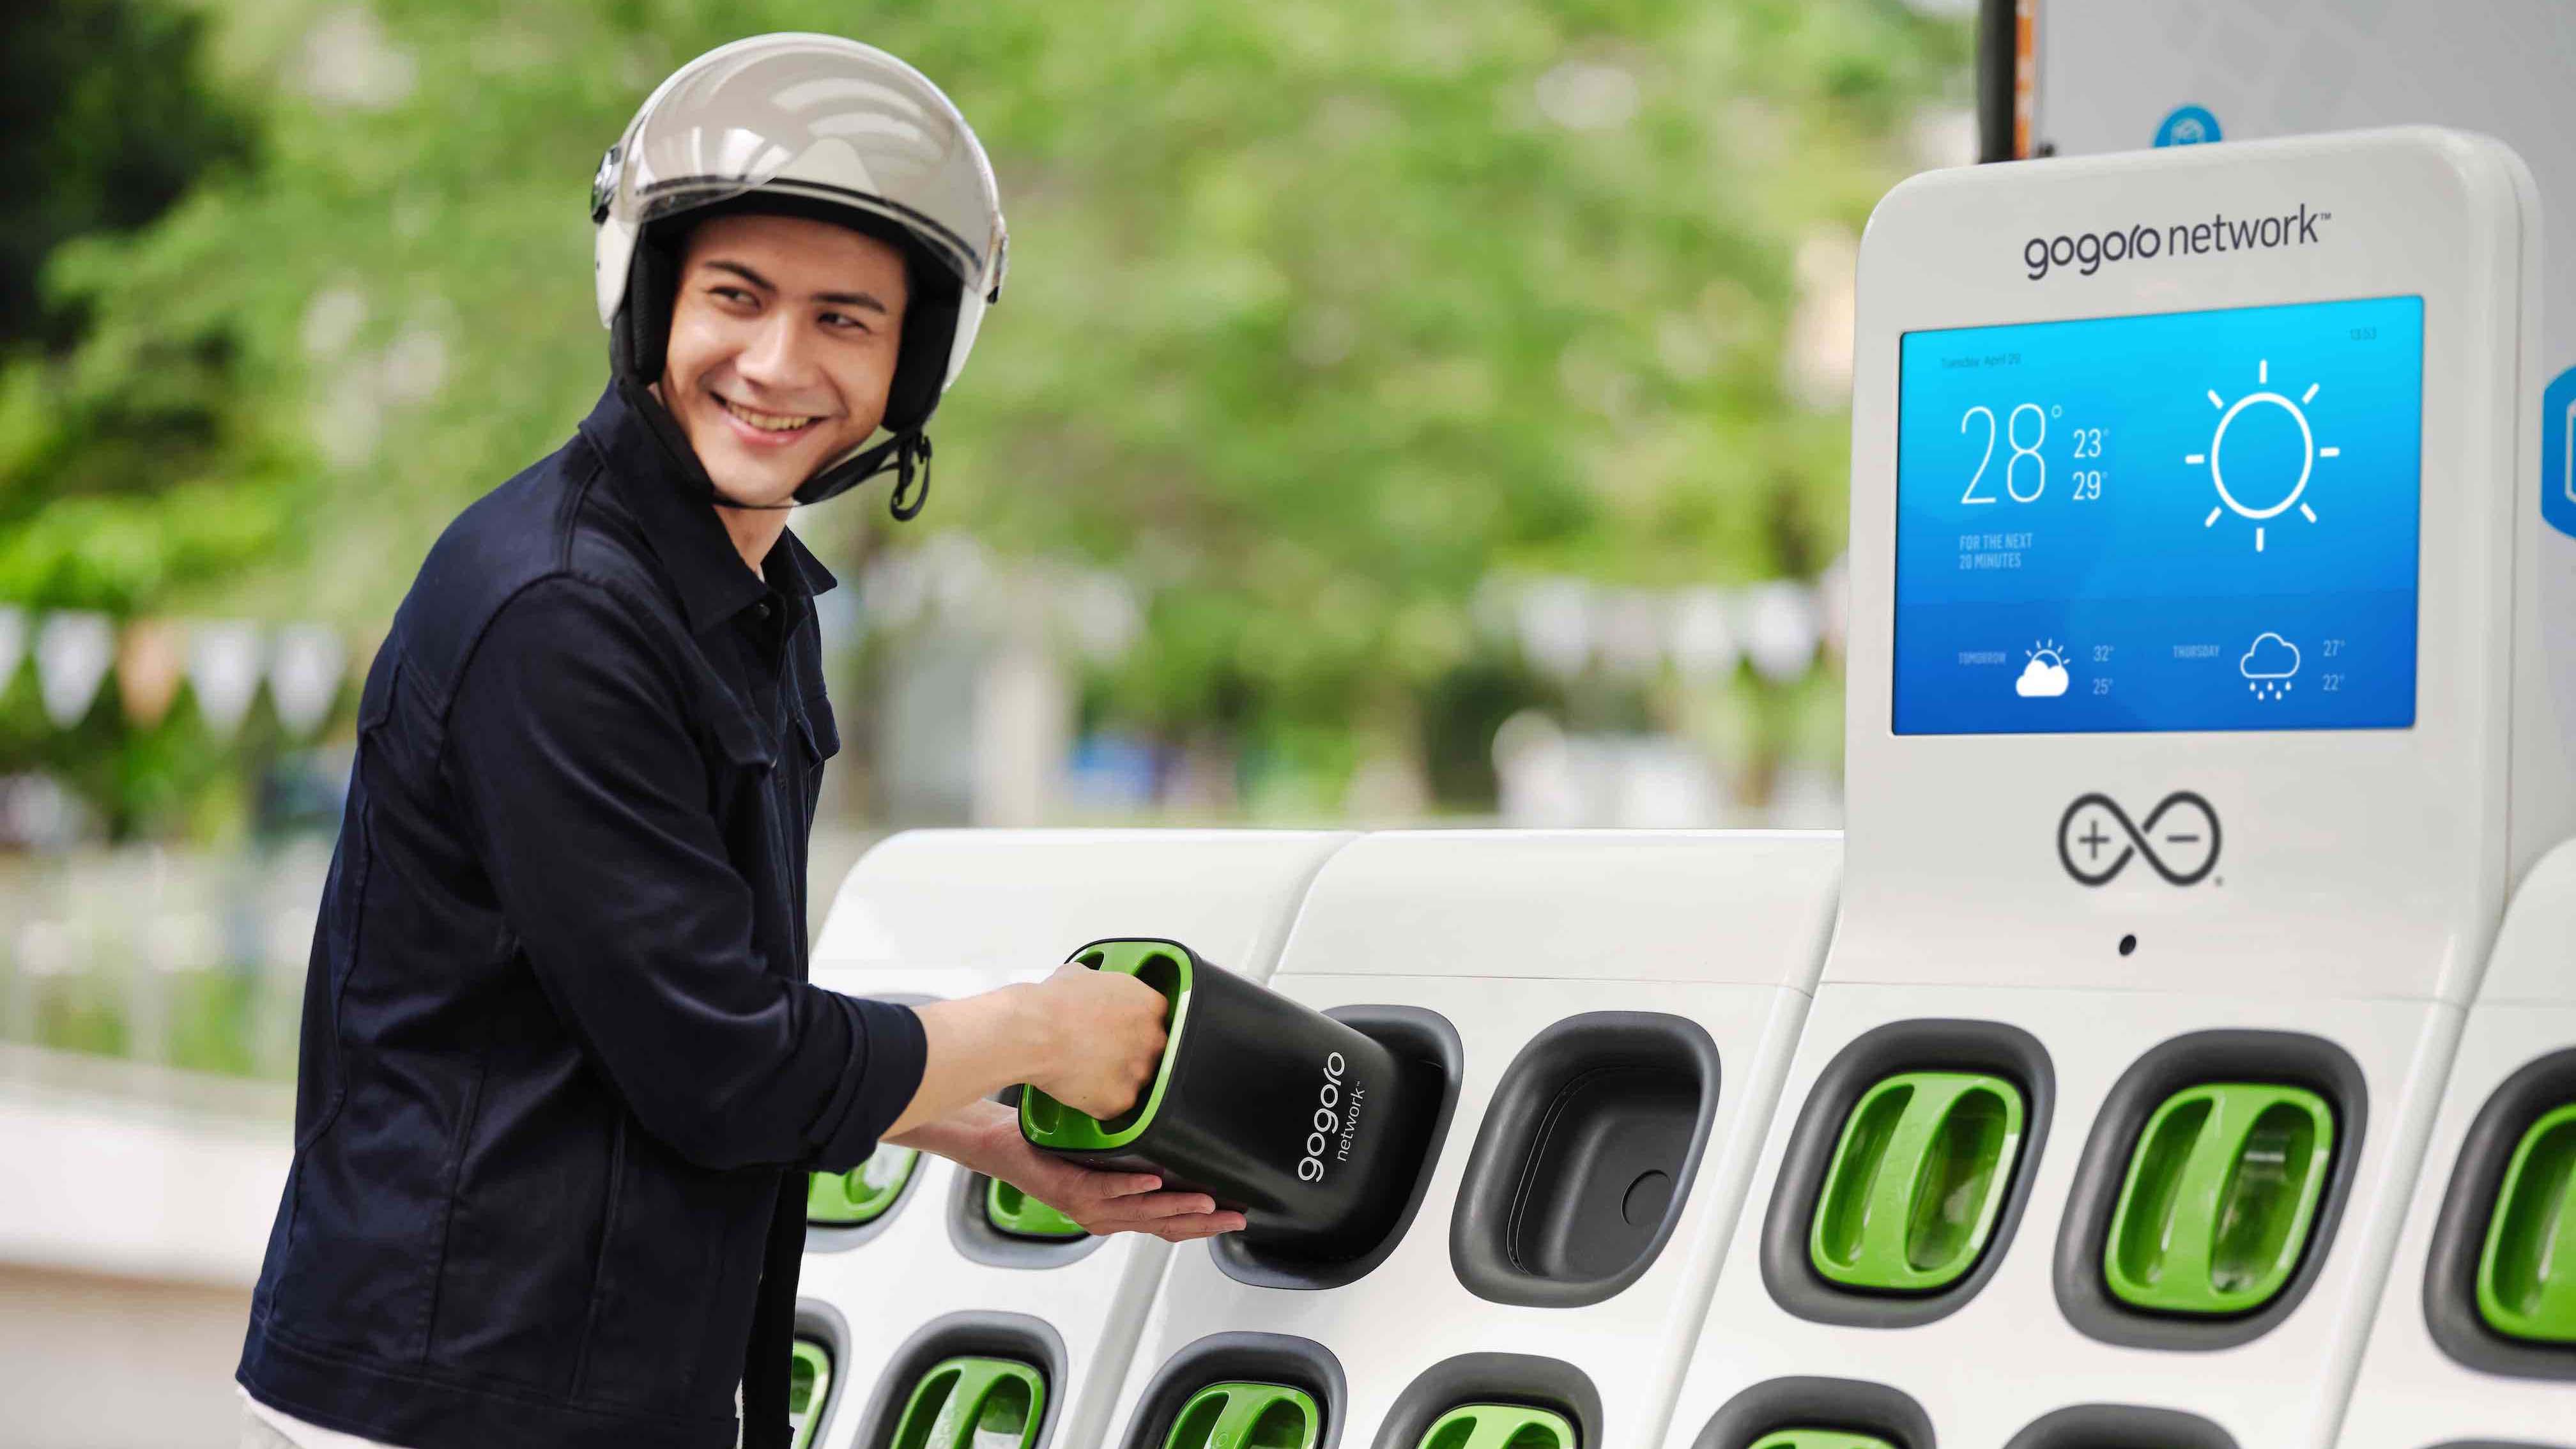 PBGN 電動車聯盟 11 月份市佔達 26.29%,14 款車推升年銷量 12 萬台